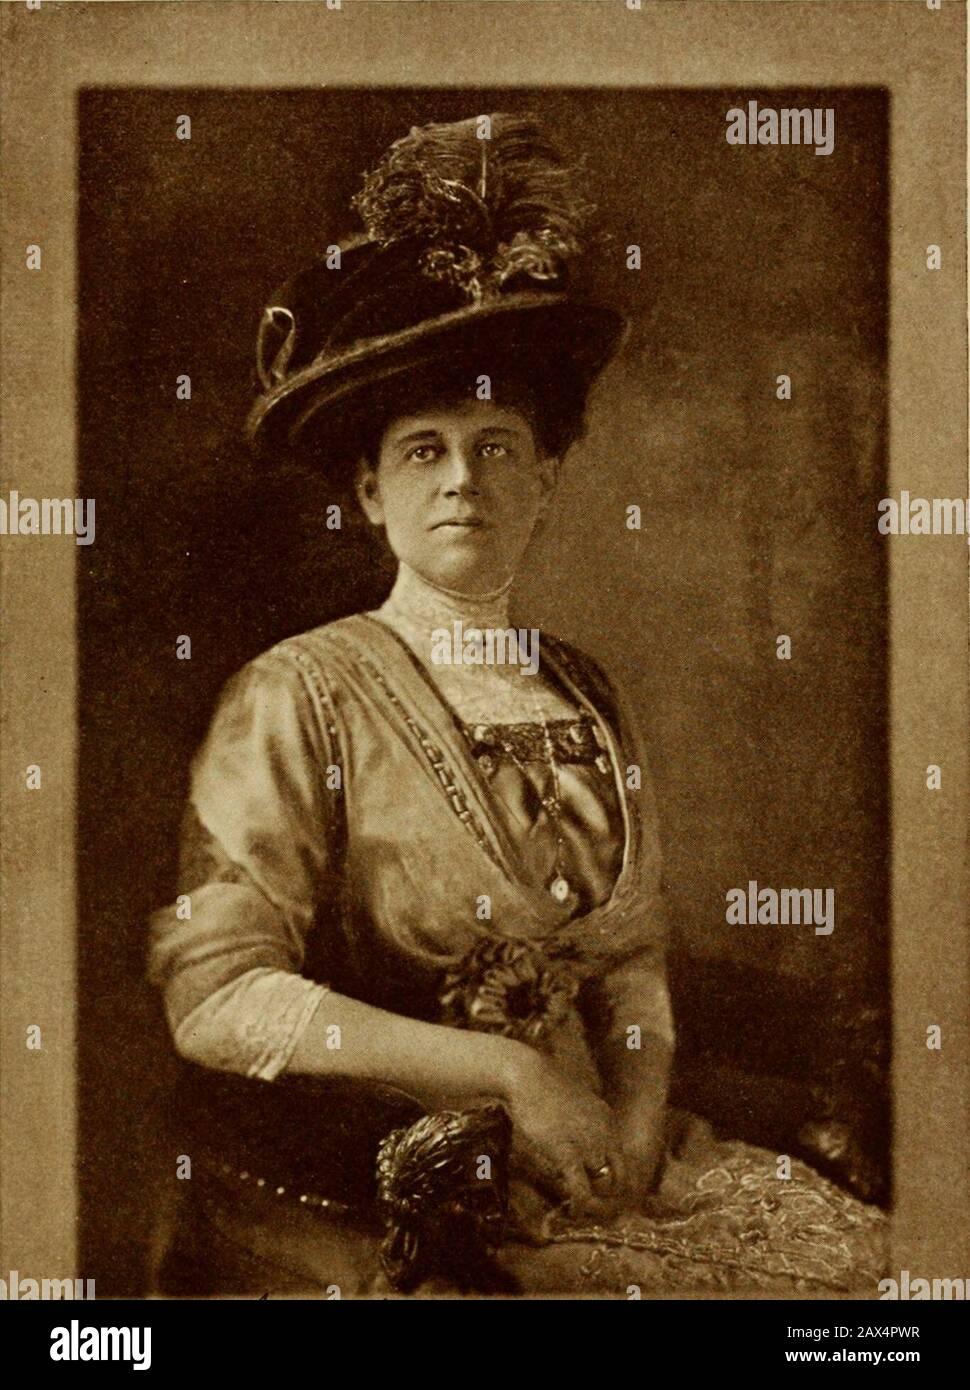 Qui A Gagné La Bataille De La Somme : gagné, bataille, somme, Bataille, Somme, Banque, D'image, Photos, Alamy